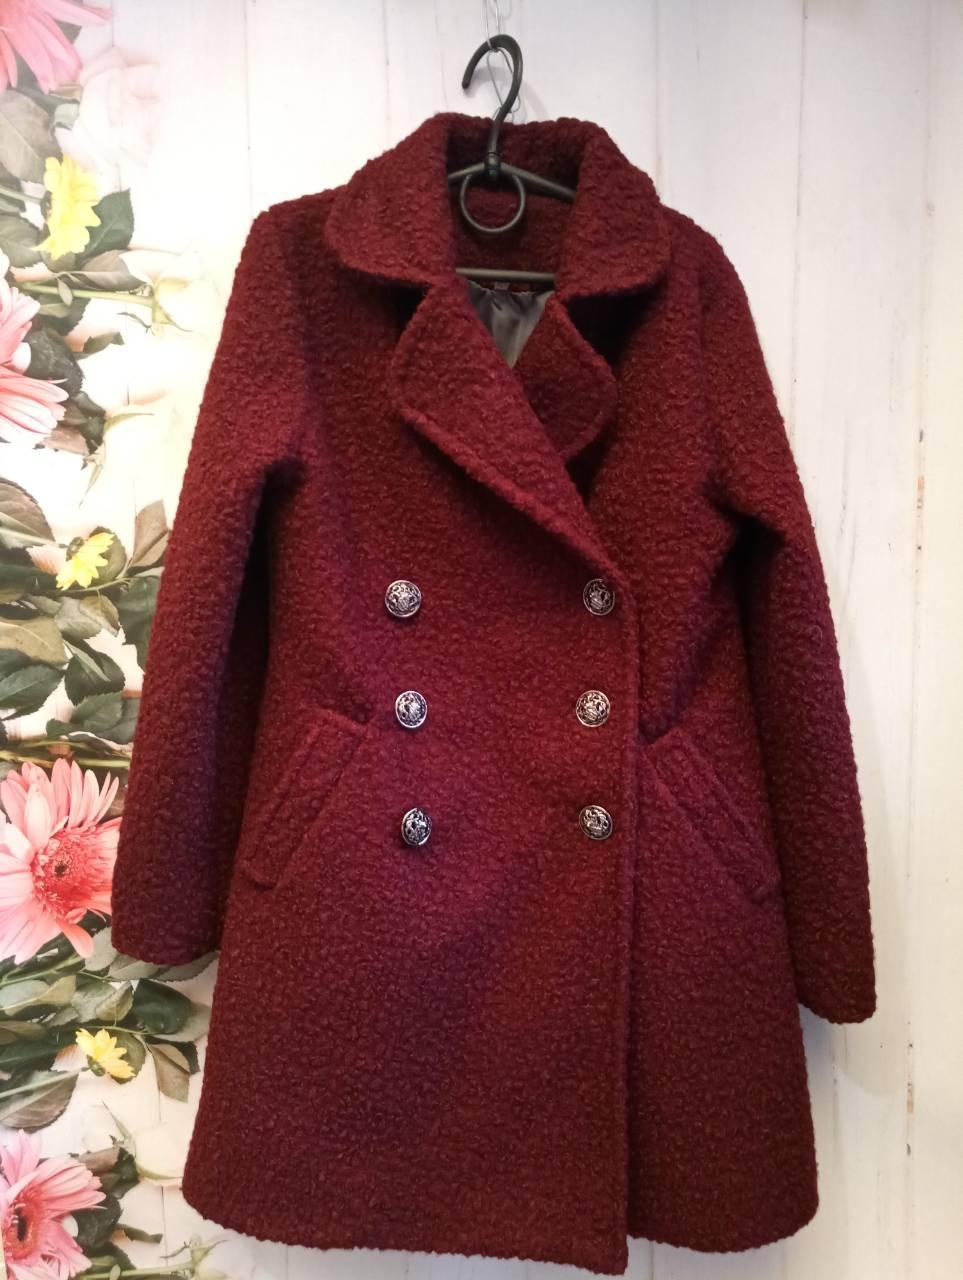 Пальто на девочку, р. 122-134, цвет бордо